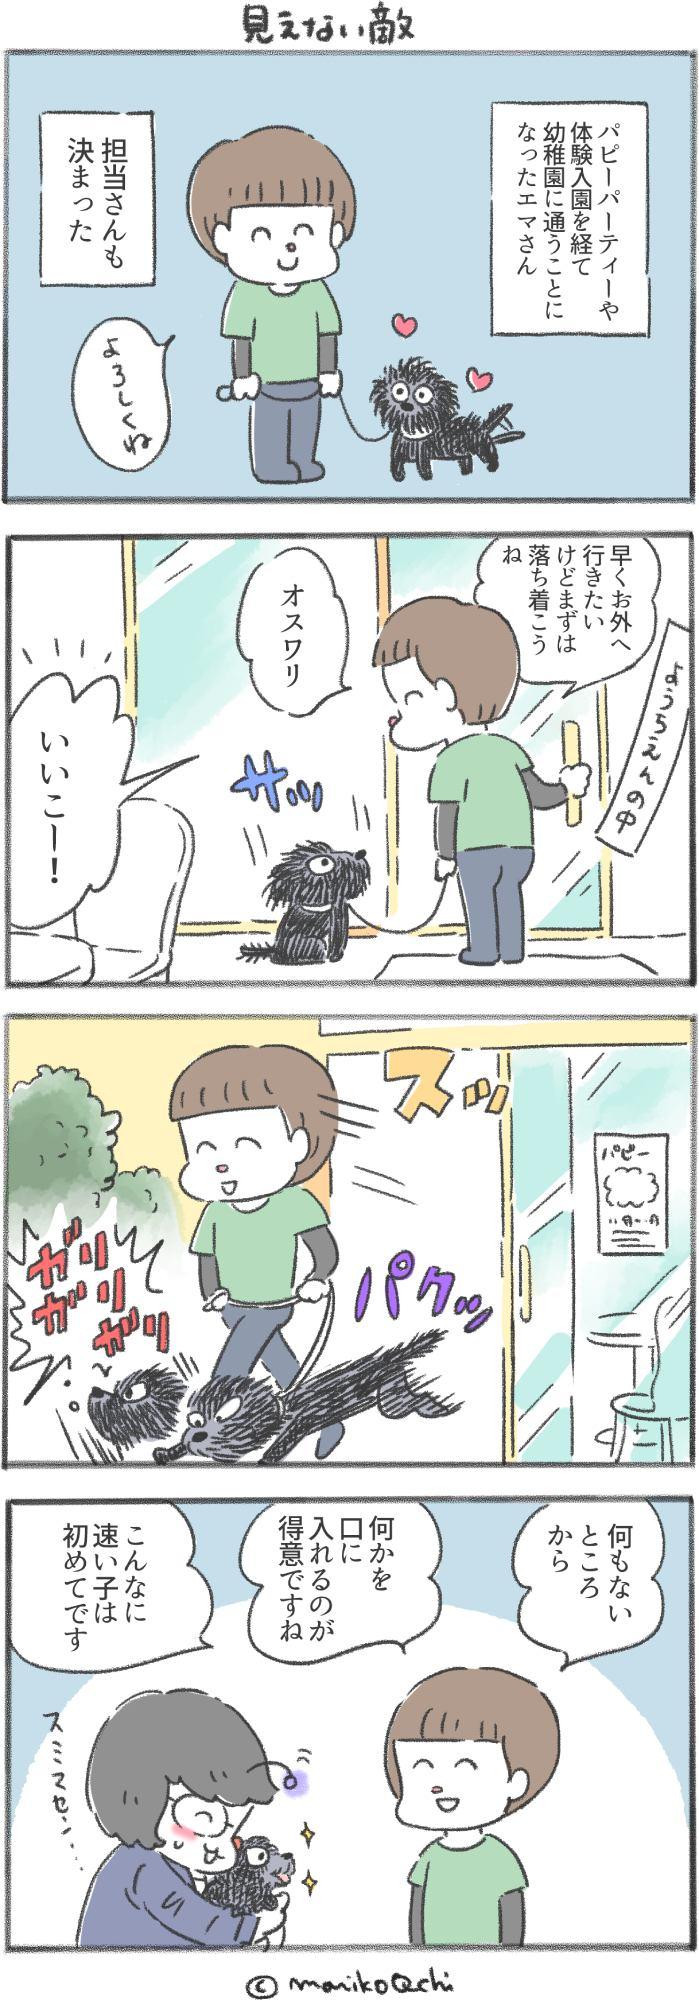 犬と暮らせば第142話